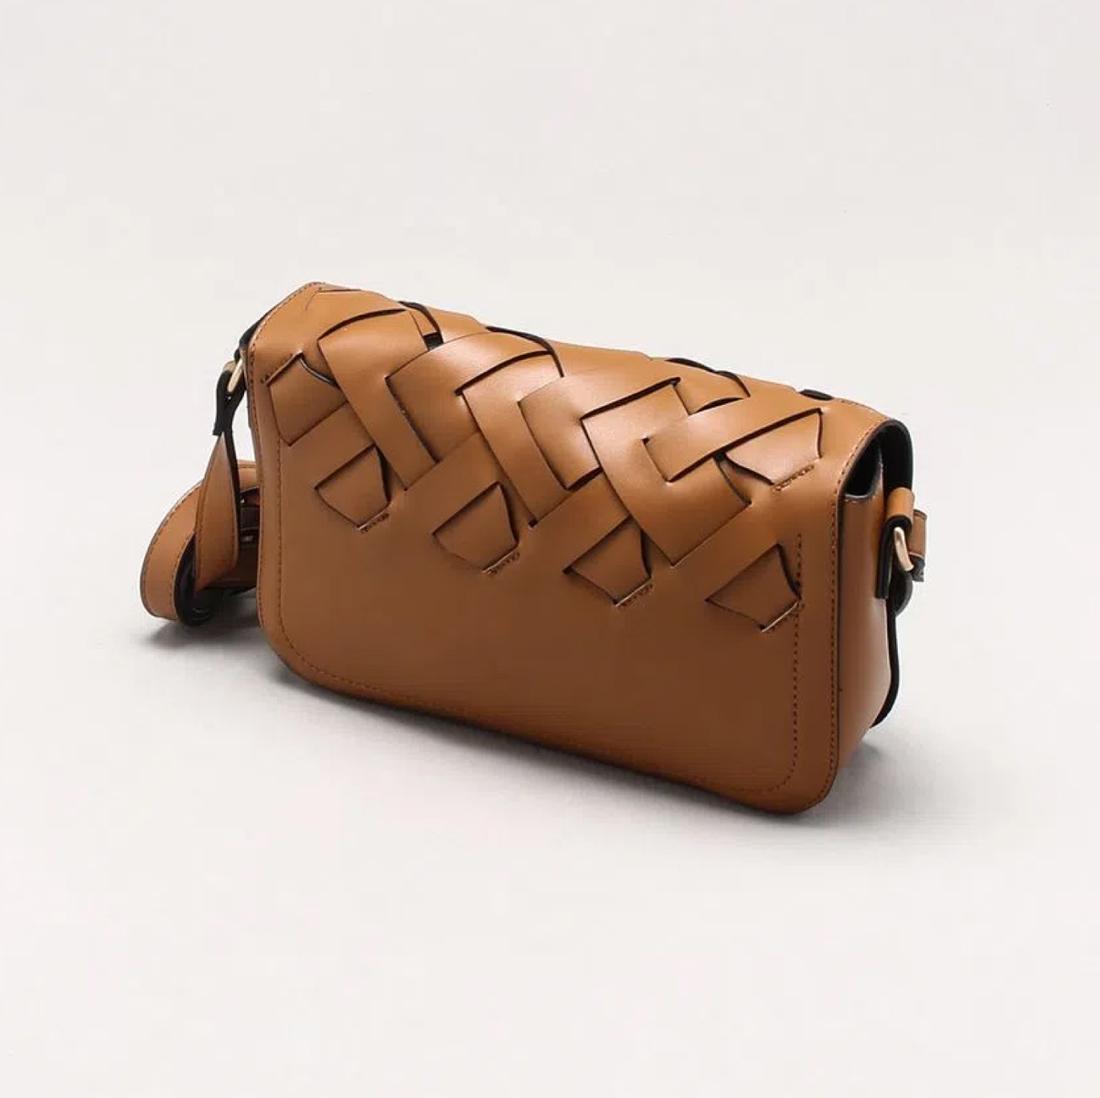 Bolsa Soft Shoulder Bag Tramada Capodarte